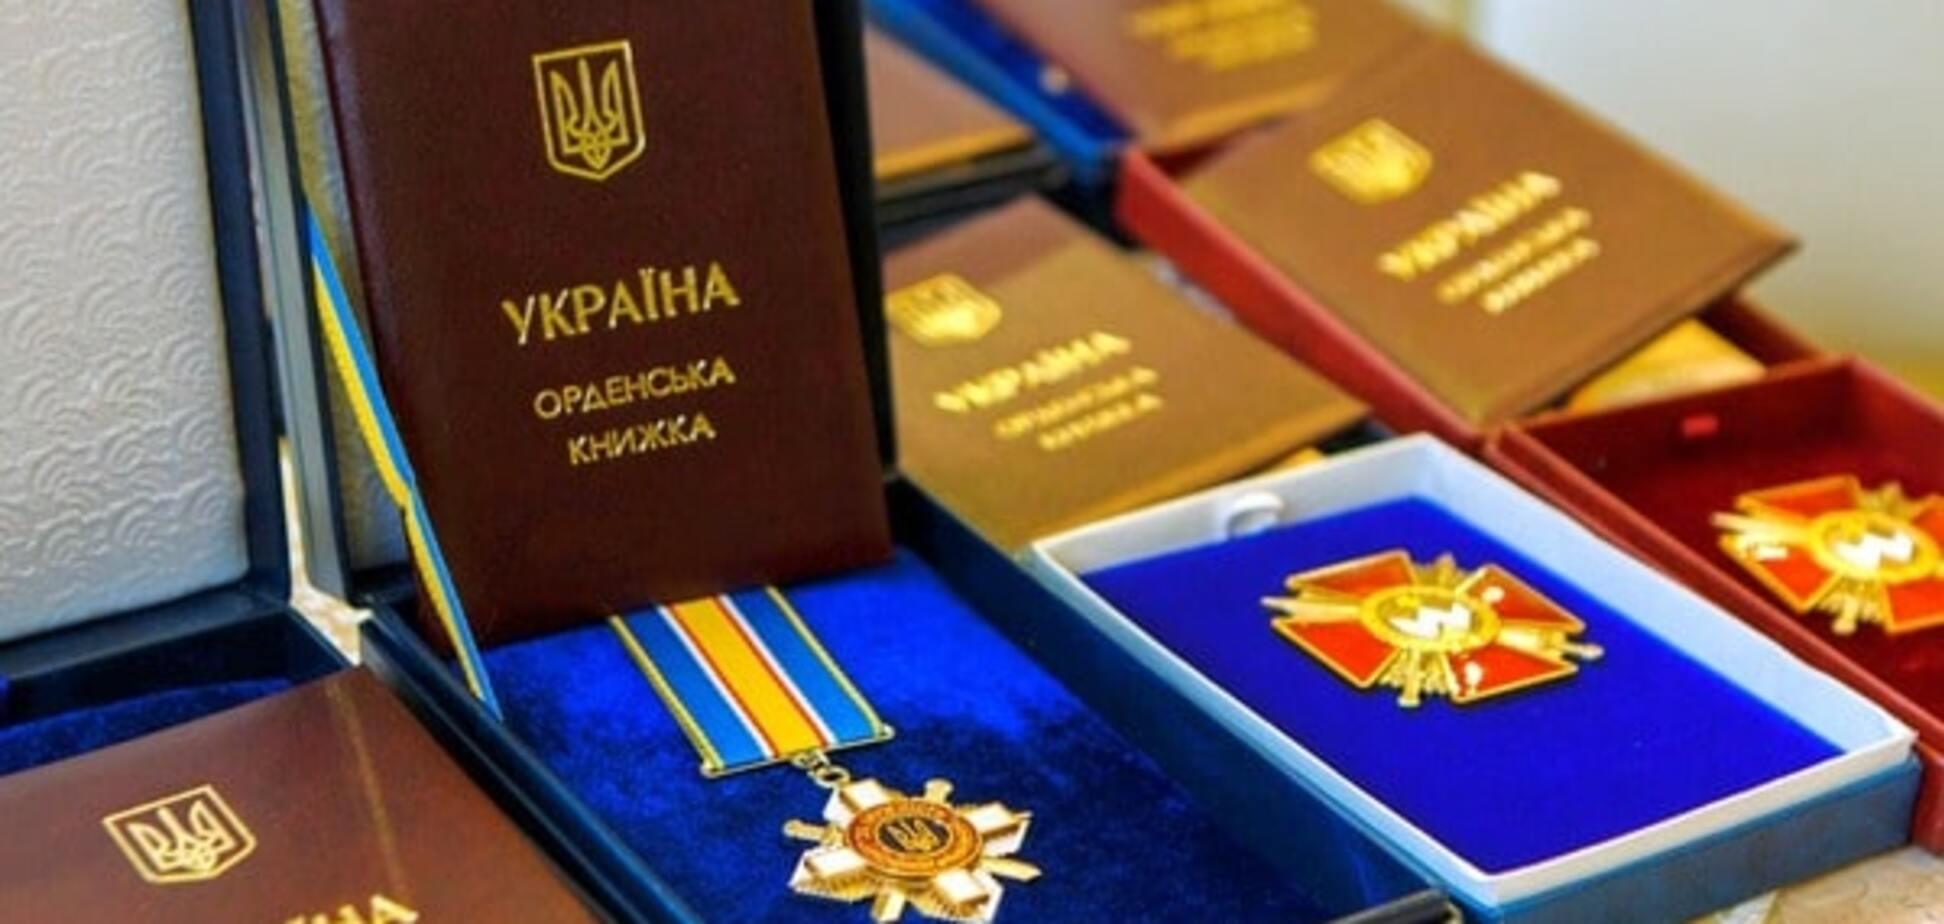 Українські нагороди бійцям АТО